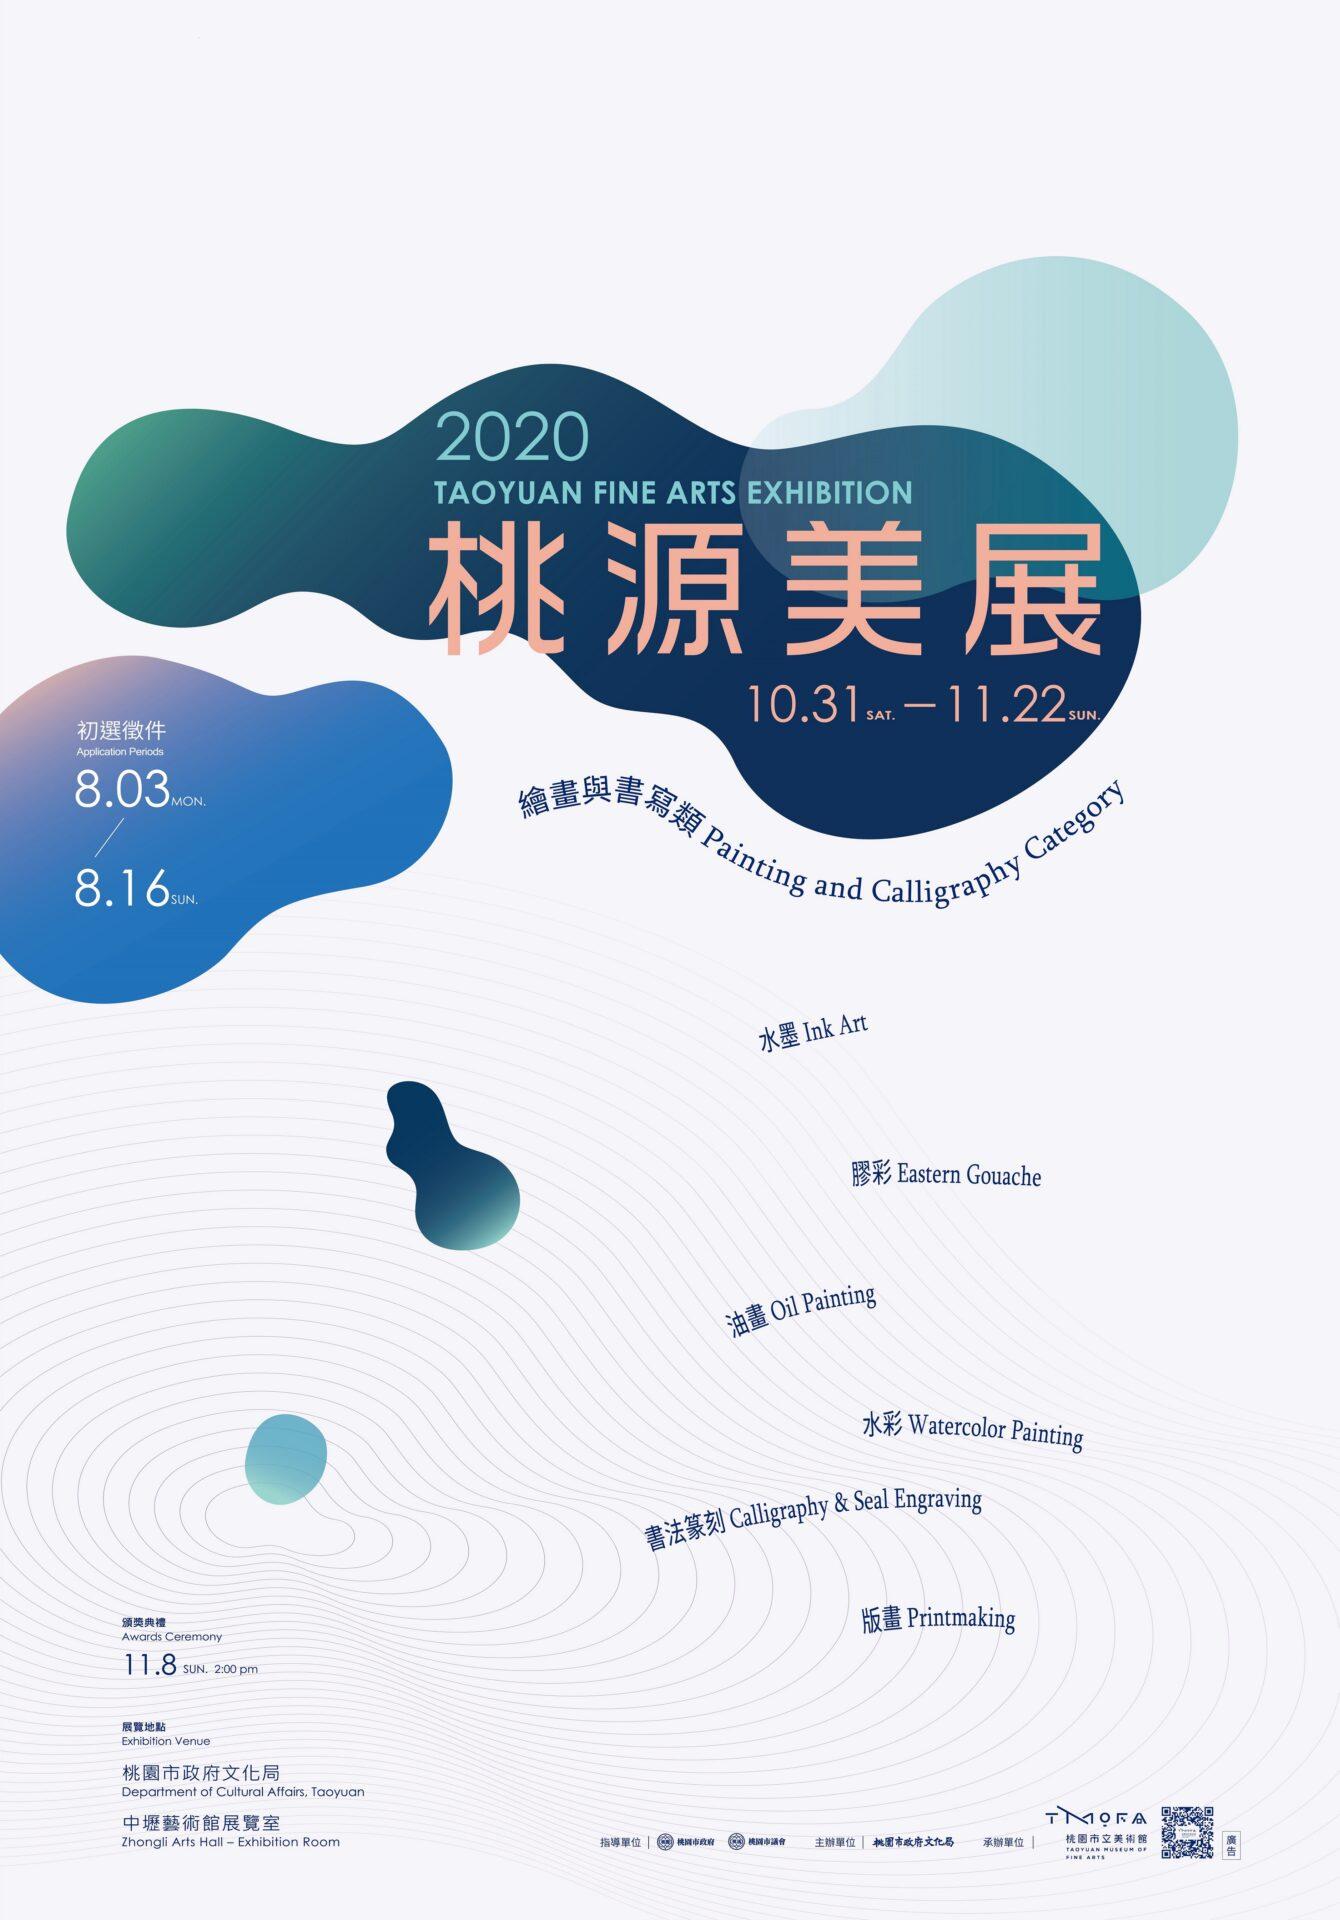 桃園市立美術館:2020/08/03~08/16公開徵件【2020桃源美展】